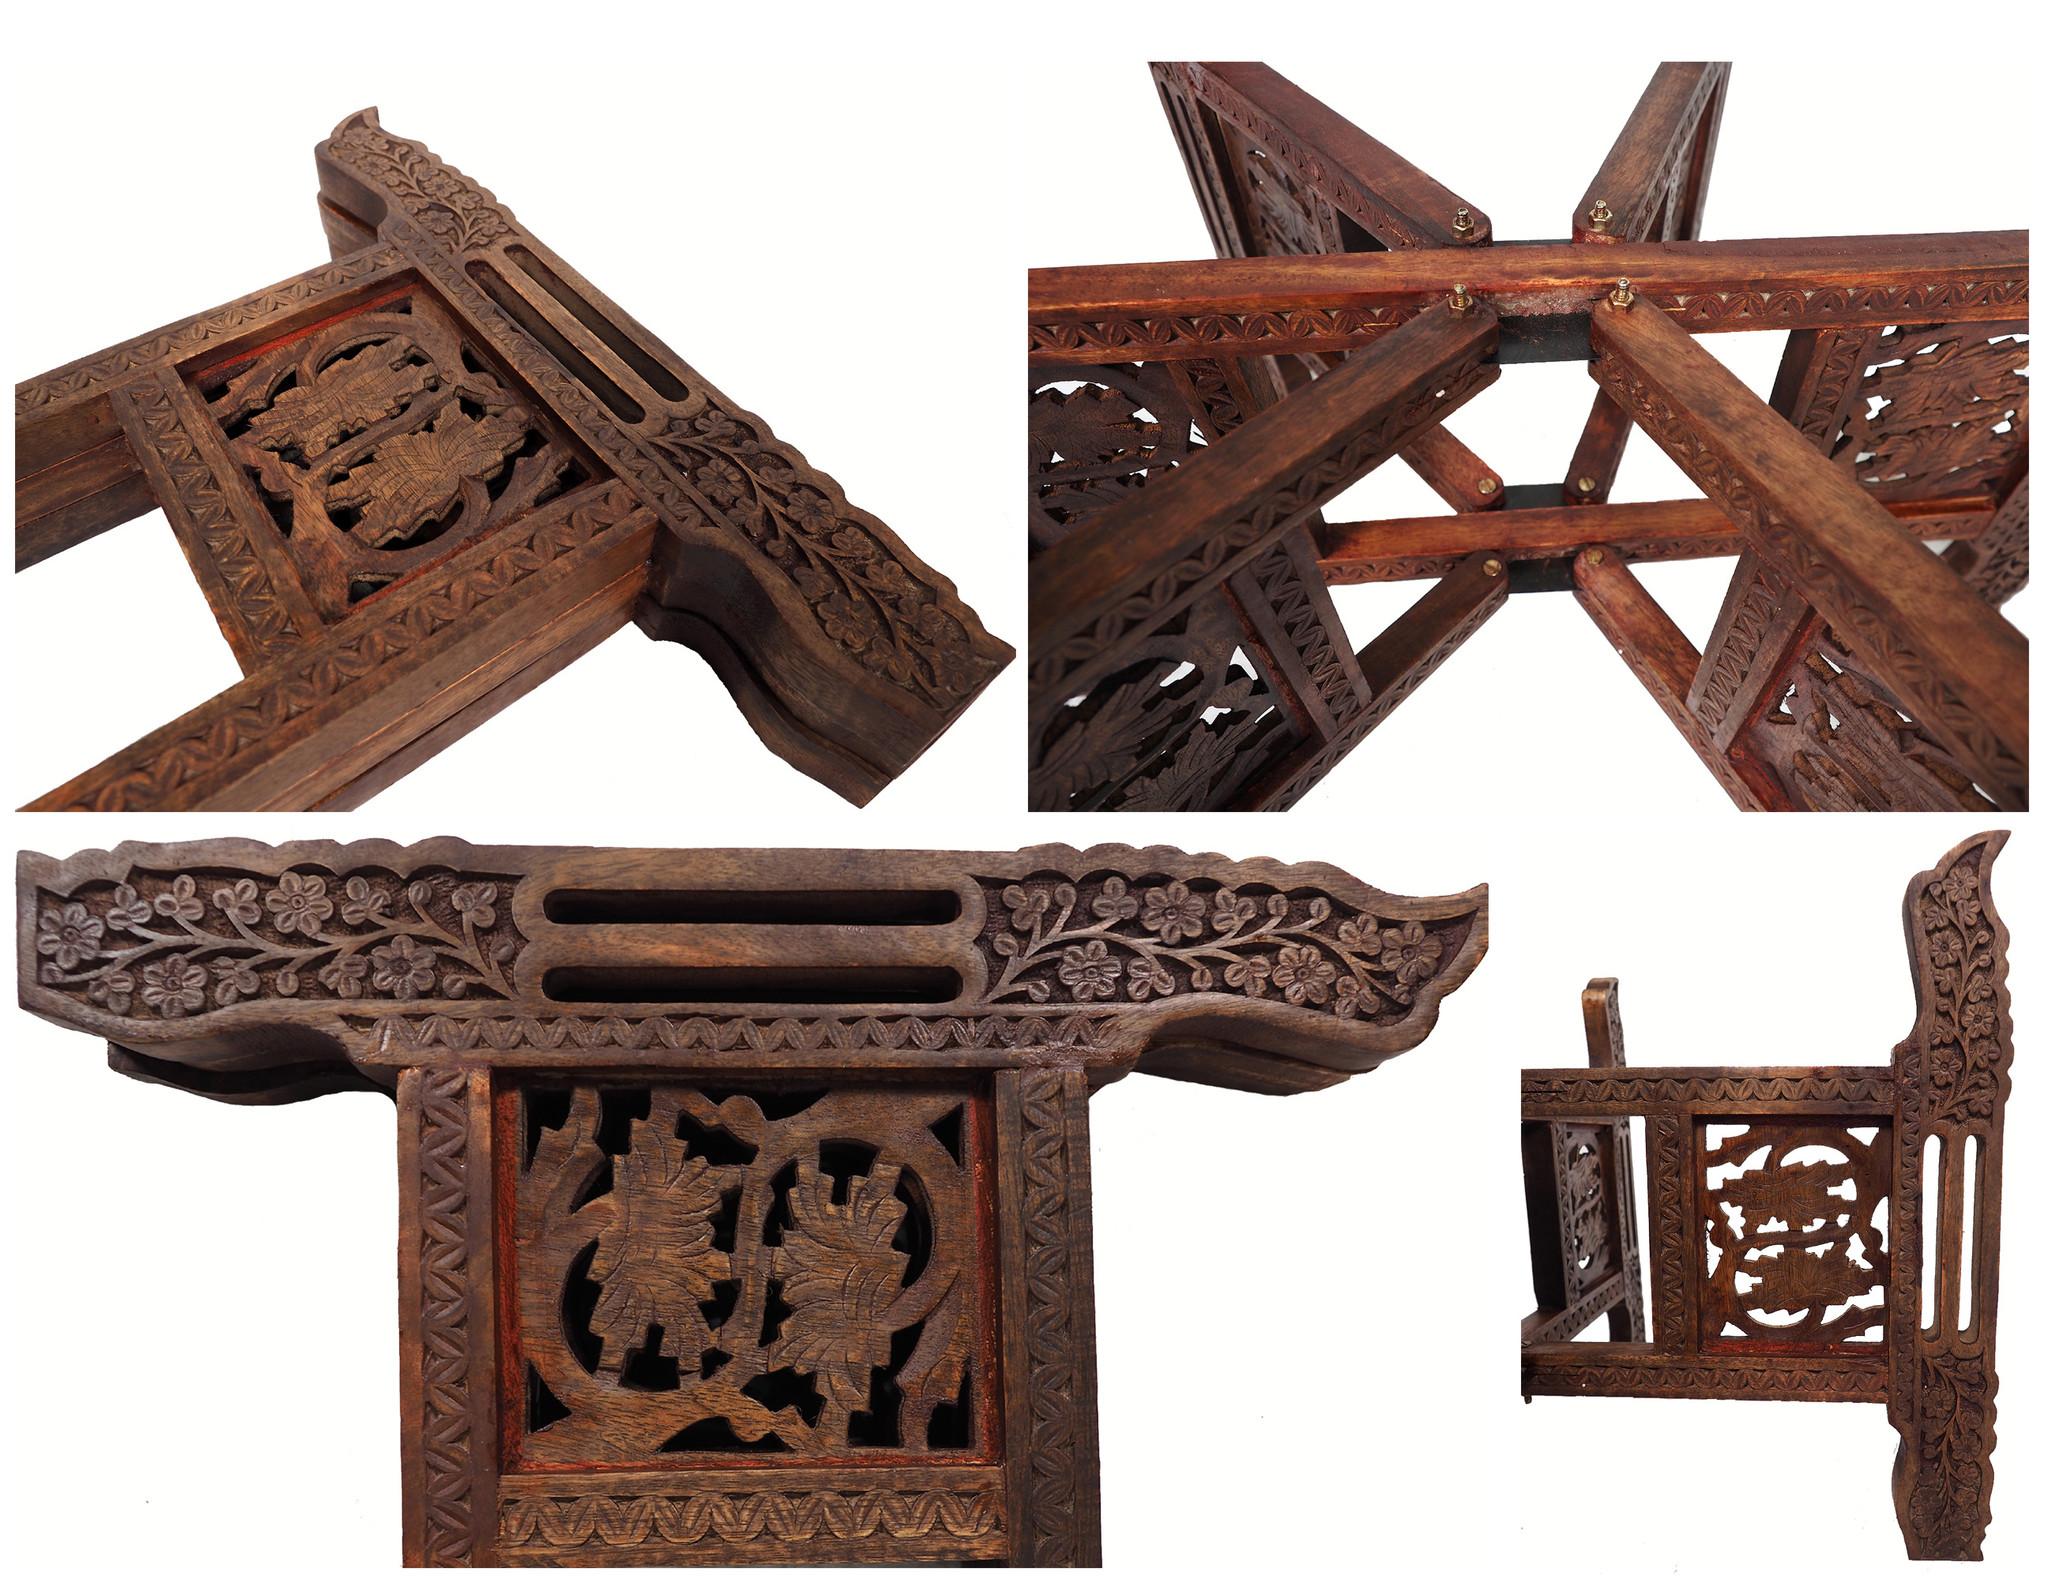 60 Ø osmanisch ägyptisch Mamluk Cairoware orient Messing tablett Teetisch beisteltisch Afghanistan syrien arabische kalligraphie 21/E